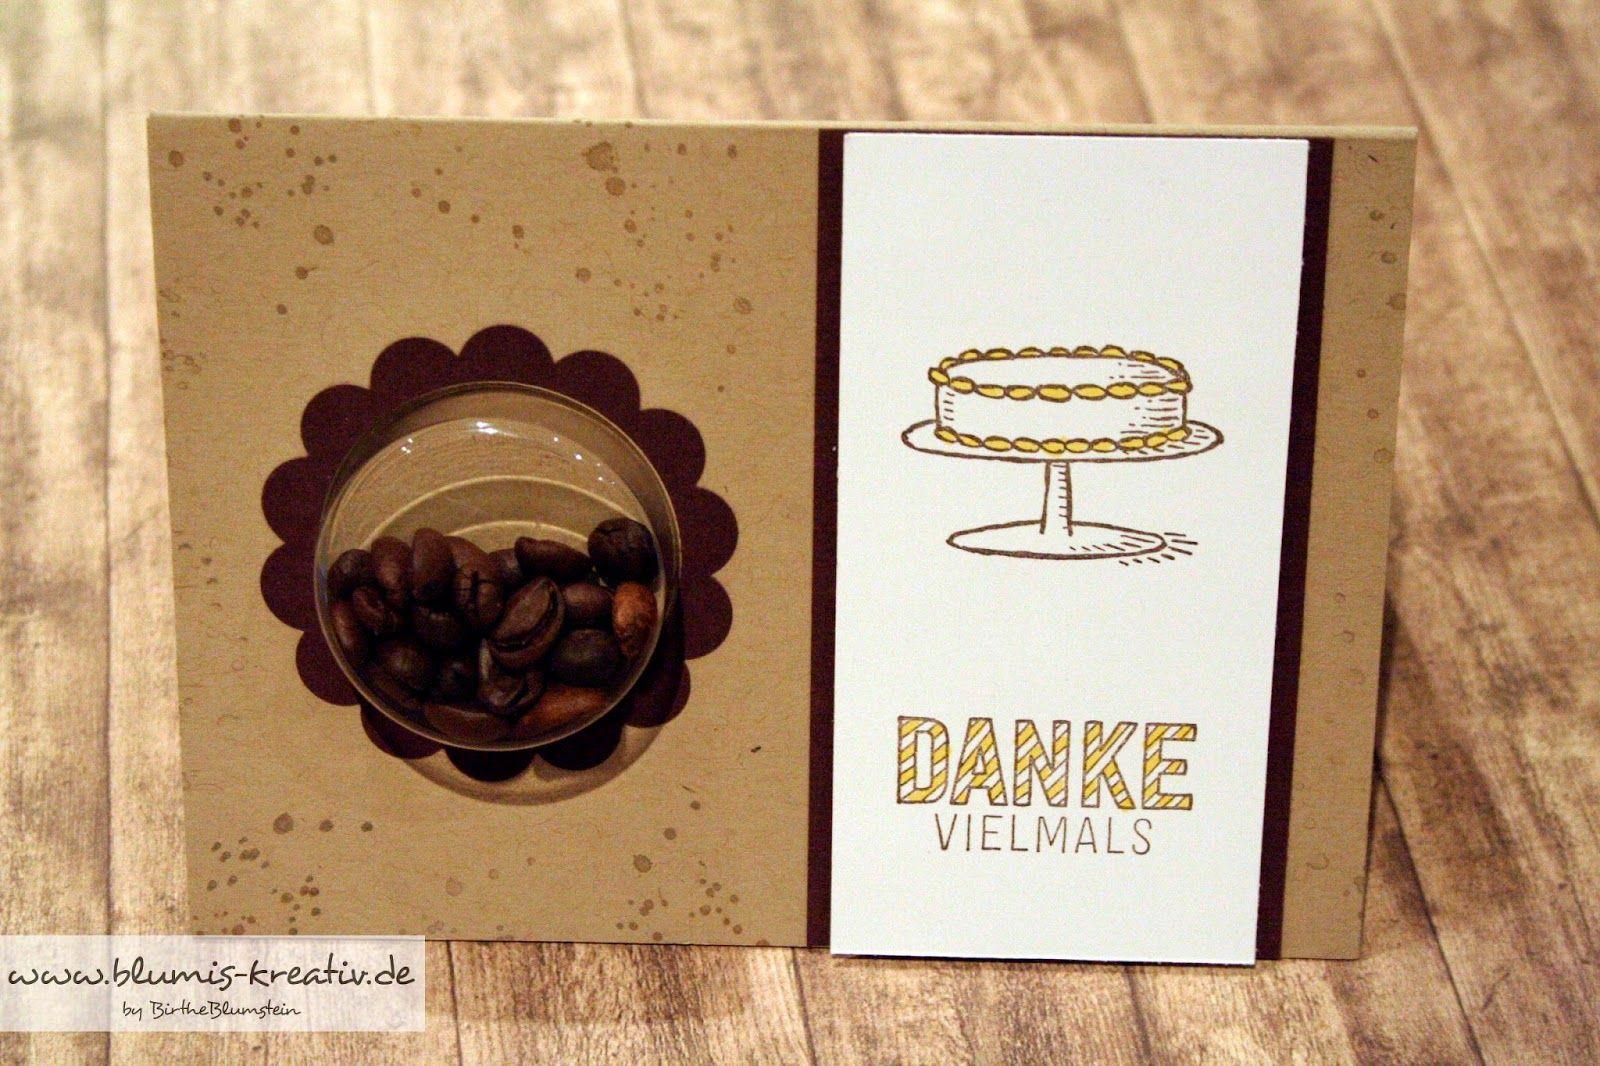 blumis kreativ blog: einladung zum kaffee und kuchen | selfmade, Einladung